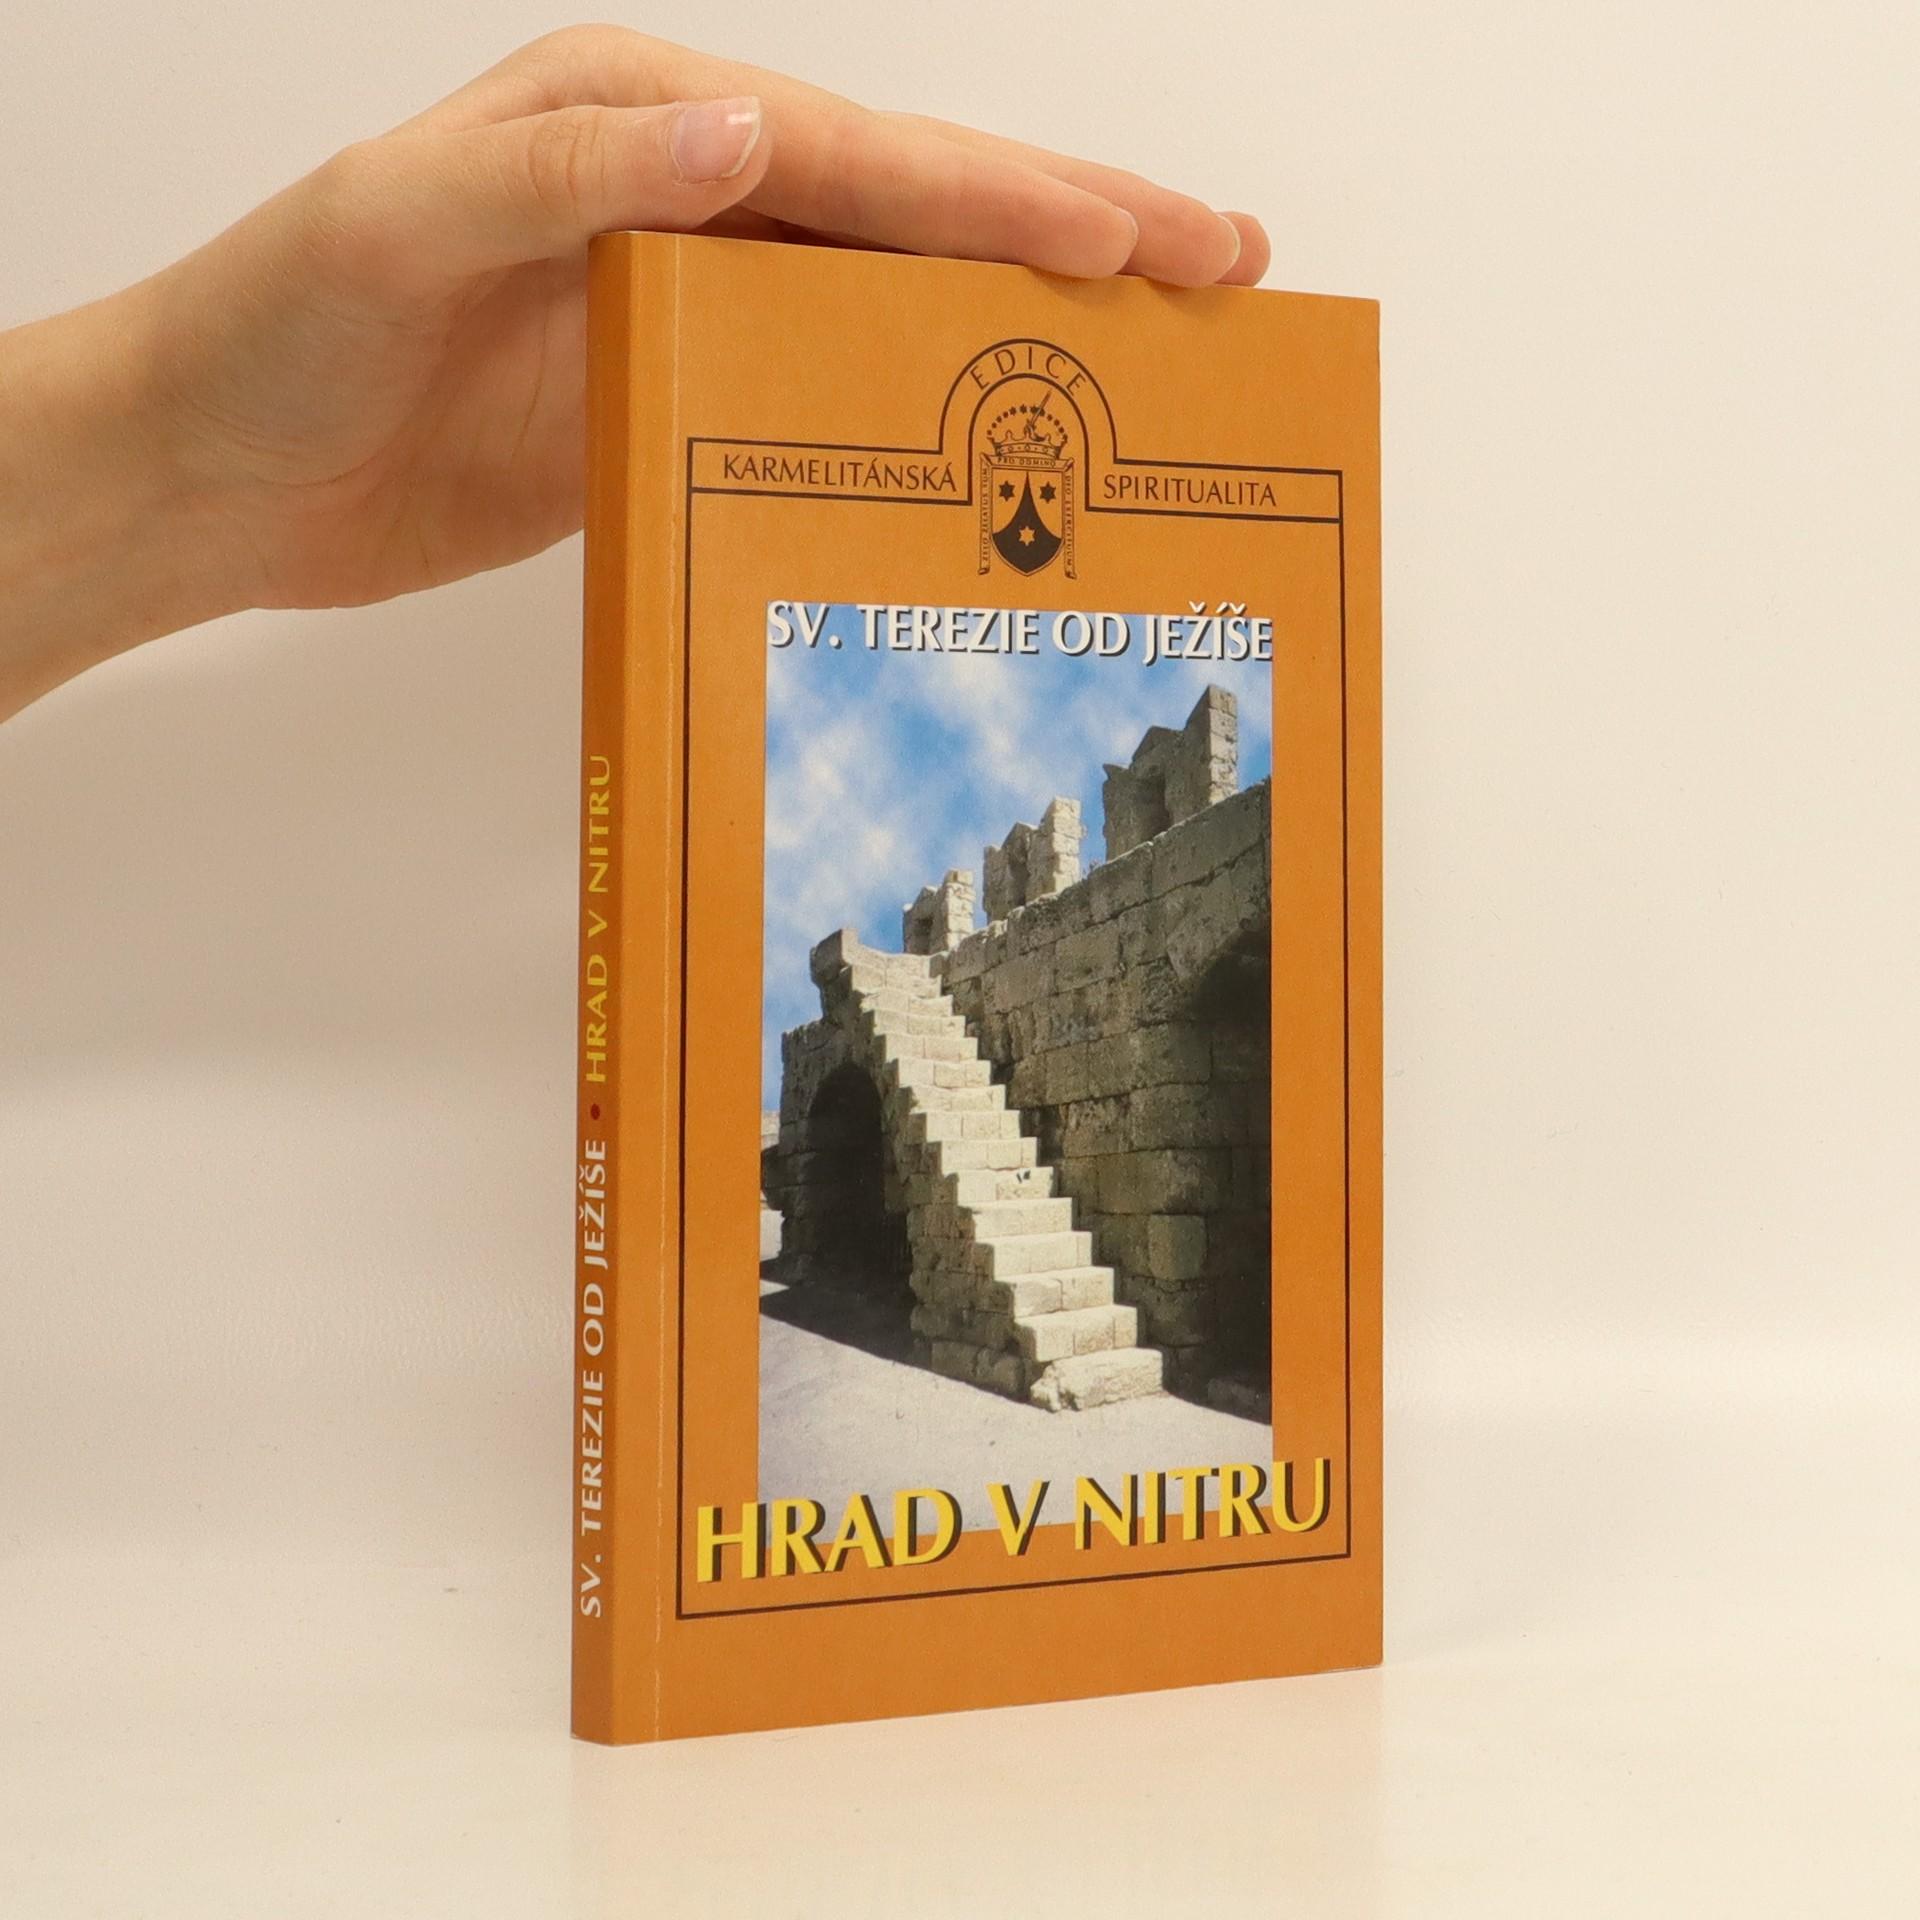 antikvární kniha Hrad v nitru, 2003